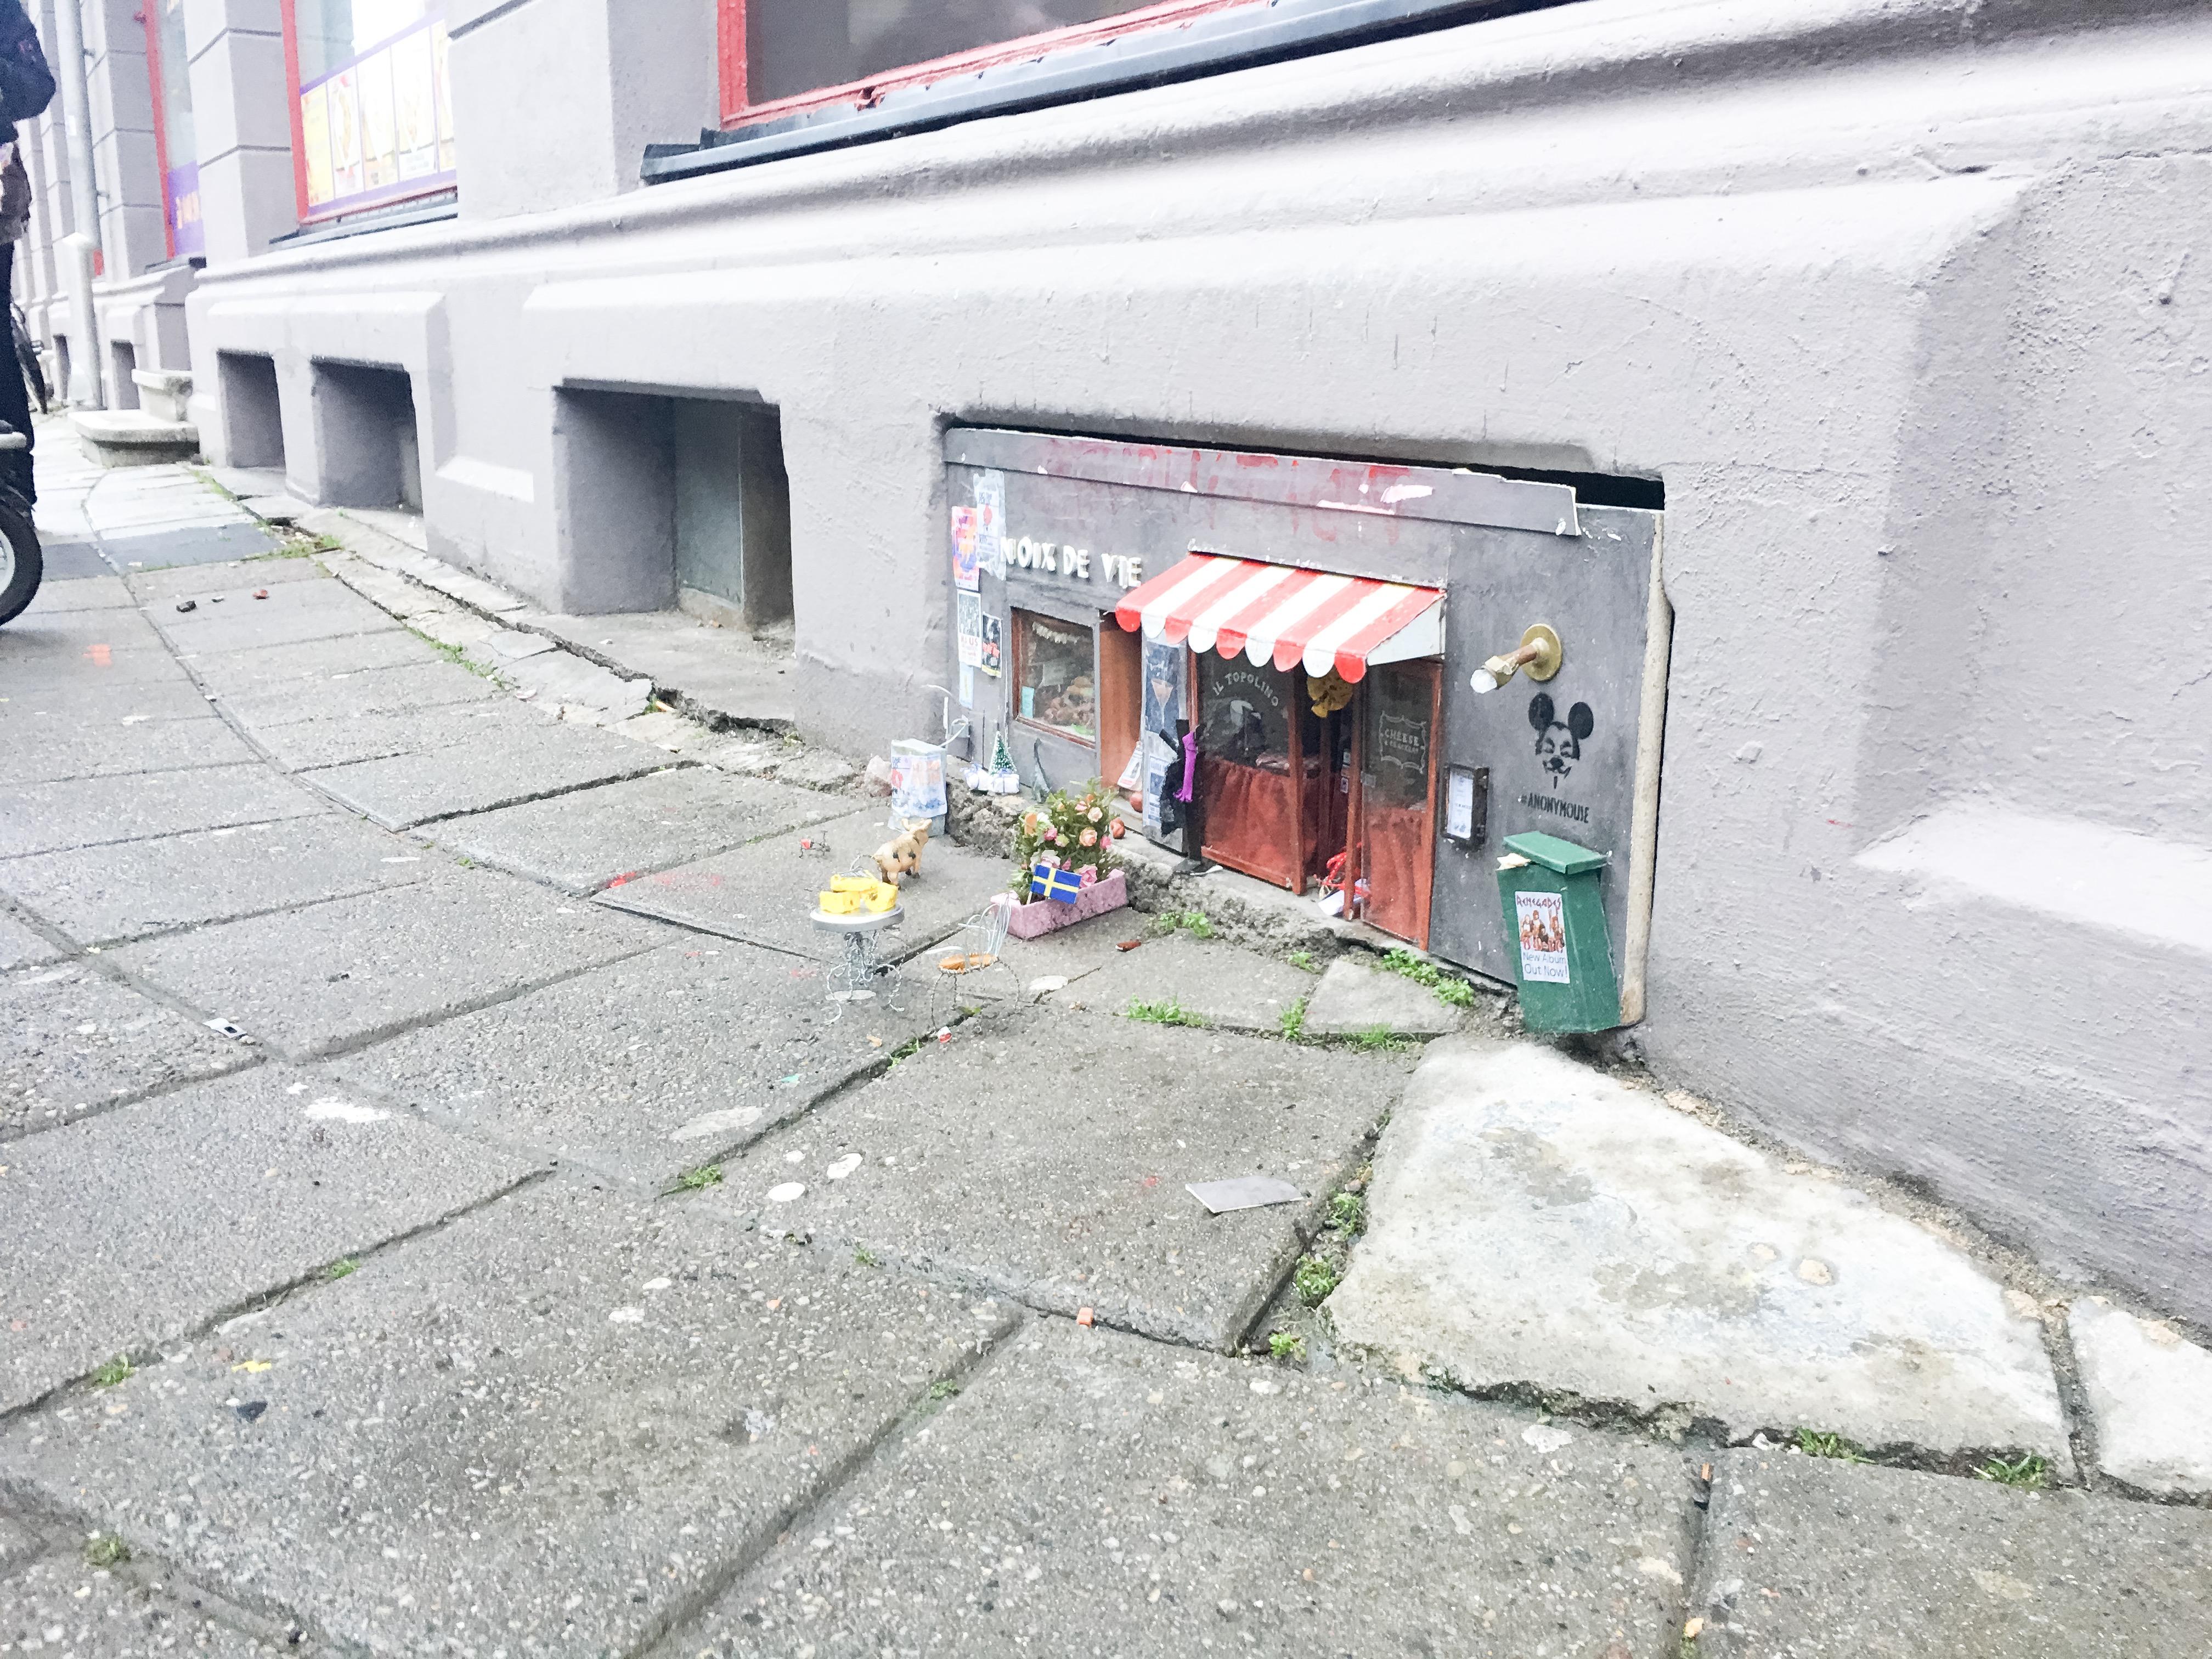 En musrestaurang i Malmö och lucka nummer 11